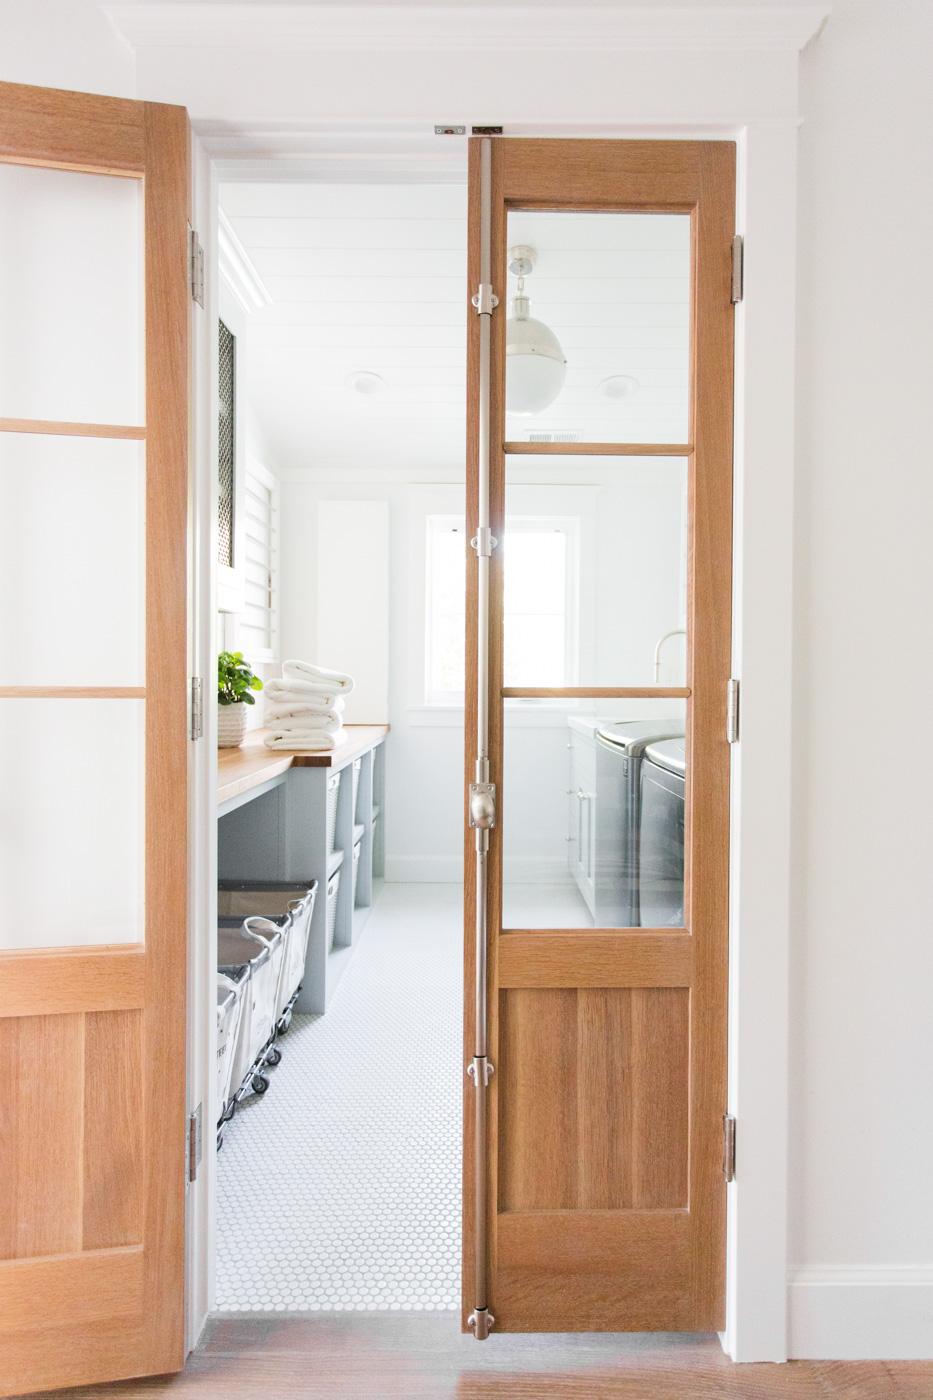 Natural+wood+door+into+laundry+room+||+Studio+McGee.jpg